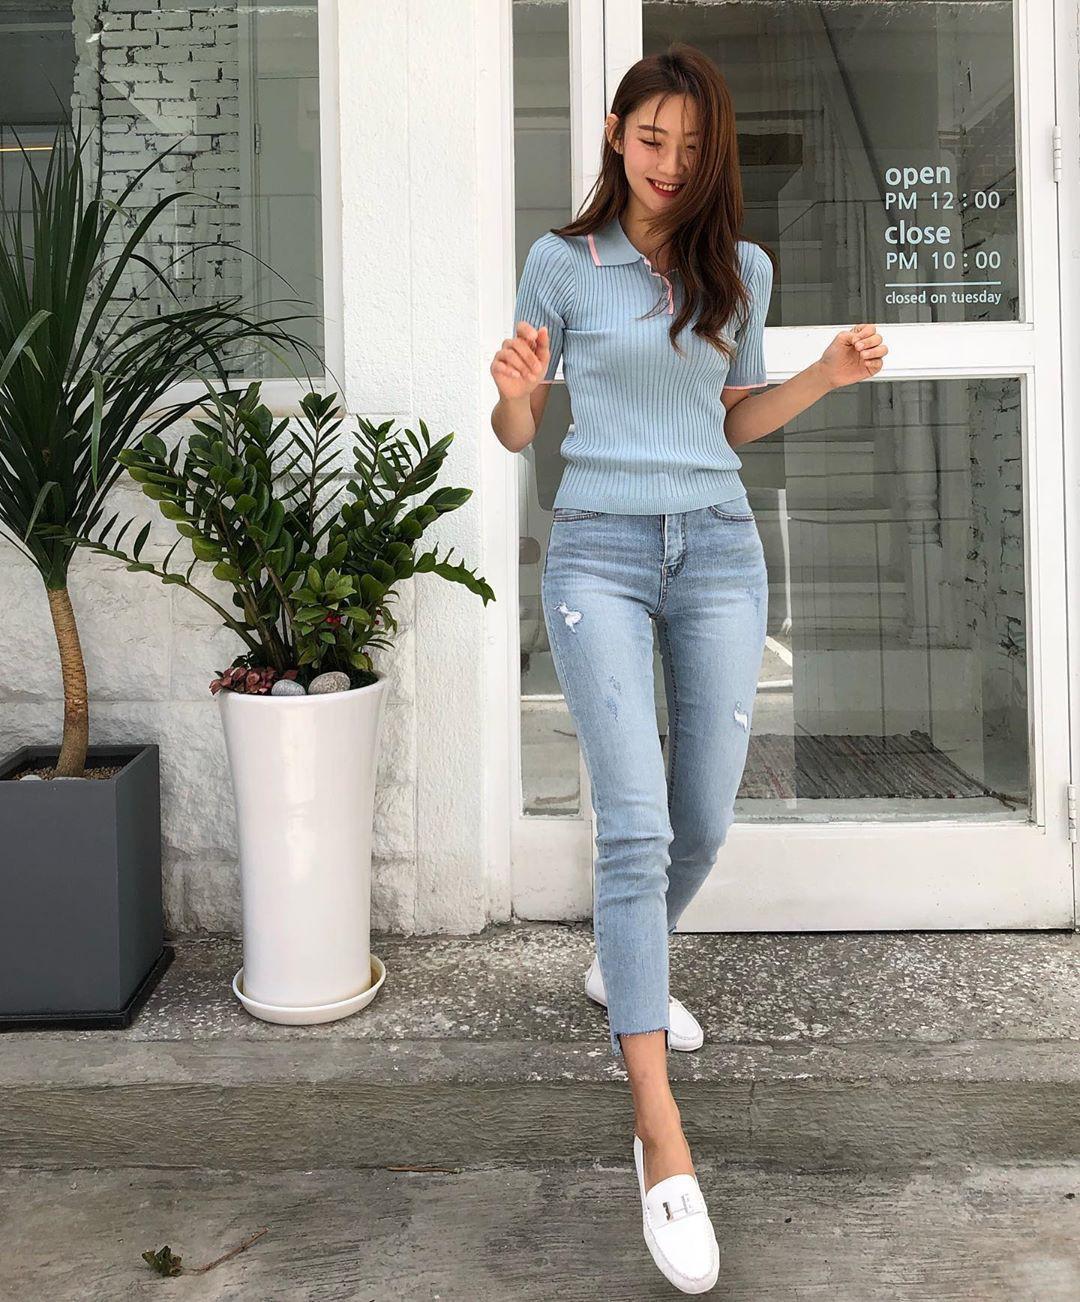 Muốn mặc đẹp hãy tham khảo 15 bộ đồ từ street style châu Á dưới đây, với rất nhiều gợi ý váy áo thô/đũi mát mẻ - Ảnh 5.